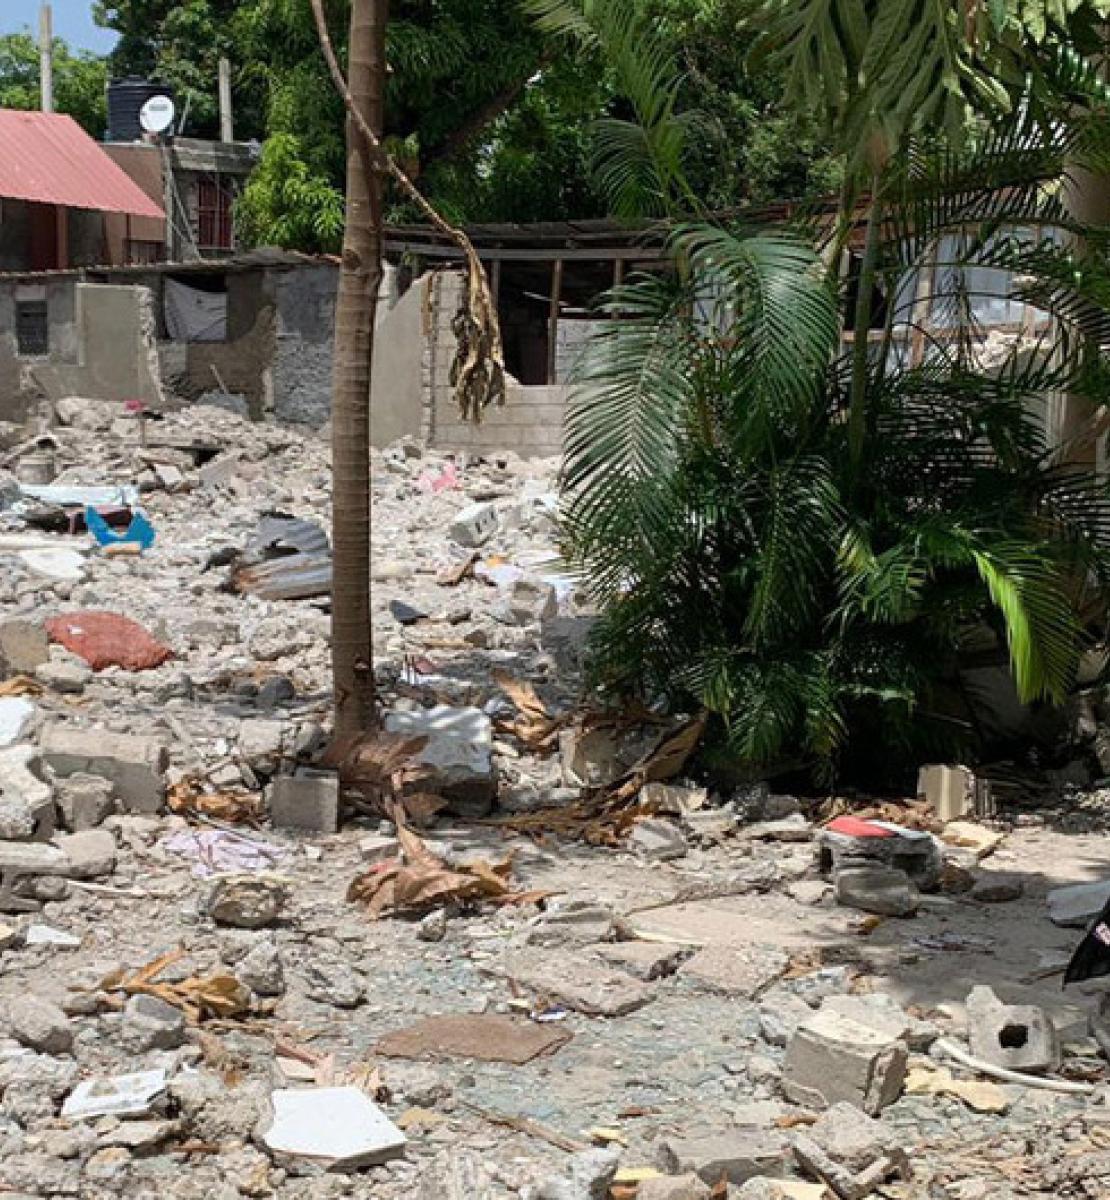 联合国副秘书长阿米娜·穆罕默德站在房屋废墟的右边。